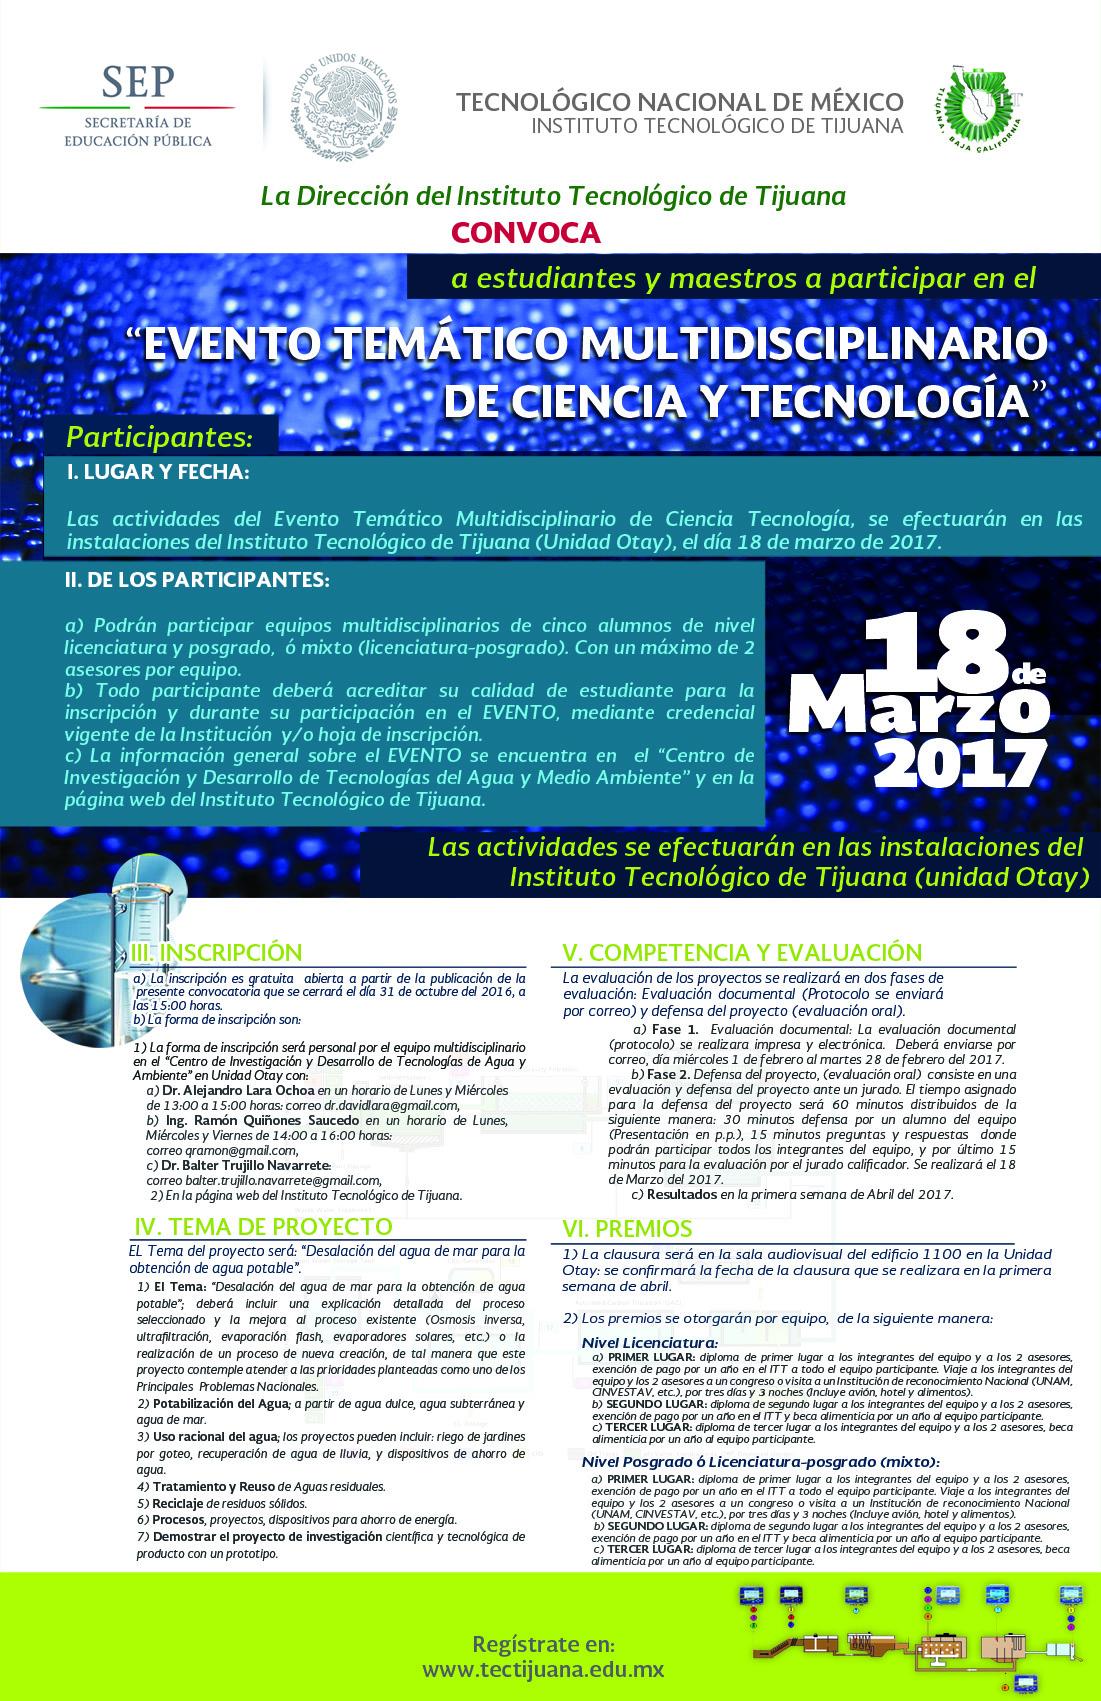 evento-tematico-de-ciencia-y-tecnologia-poster-2016